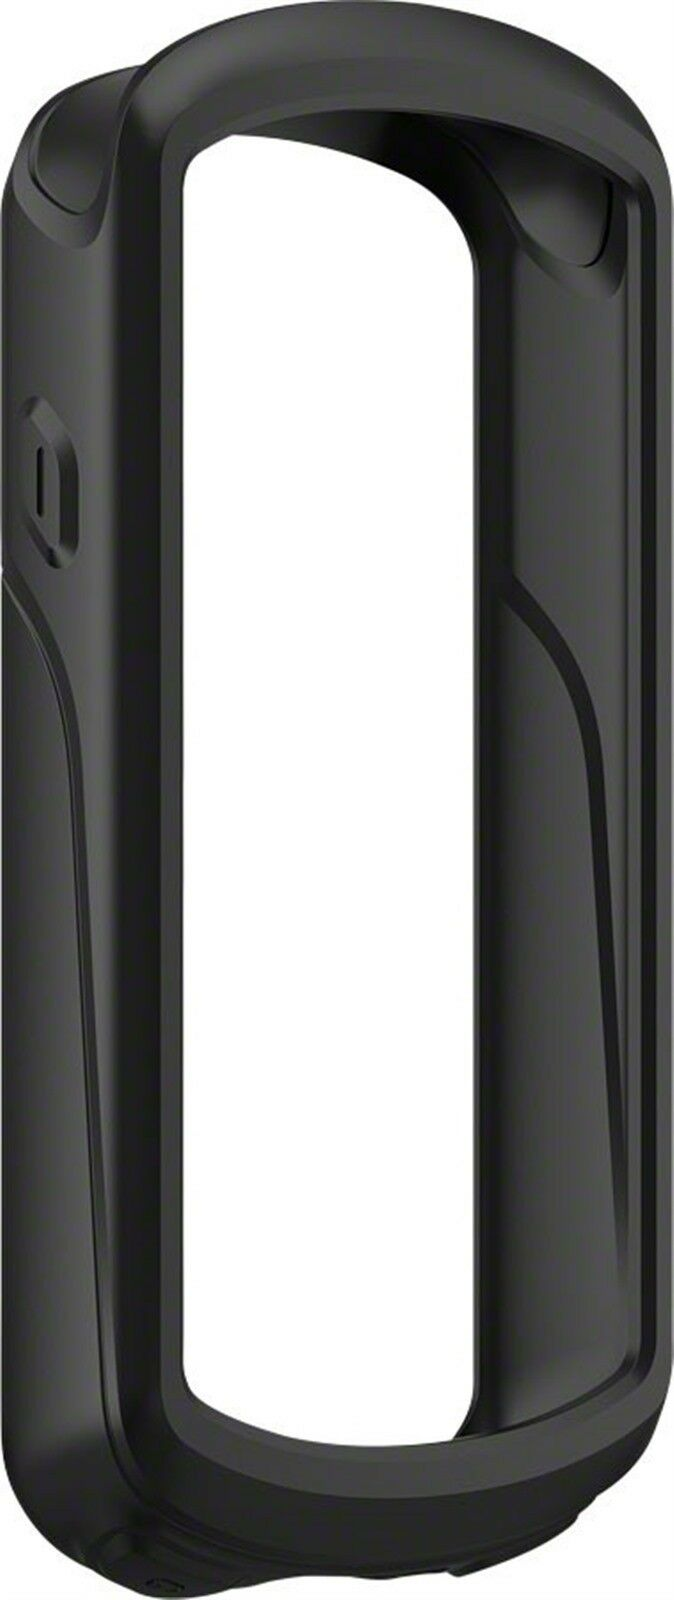 Garmin Edge 1030 Silicone Case Black, Blue, Green, Red, White, Yellow